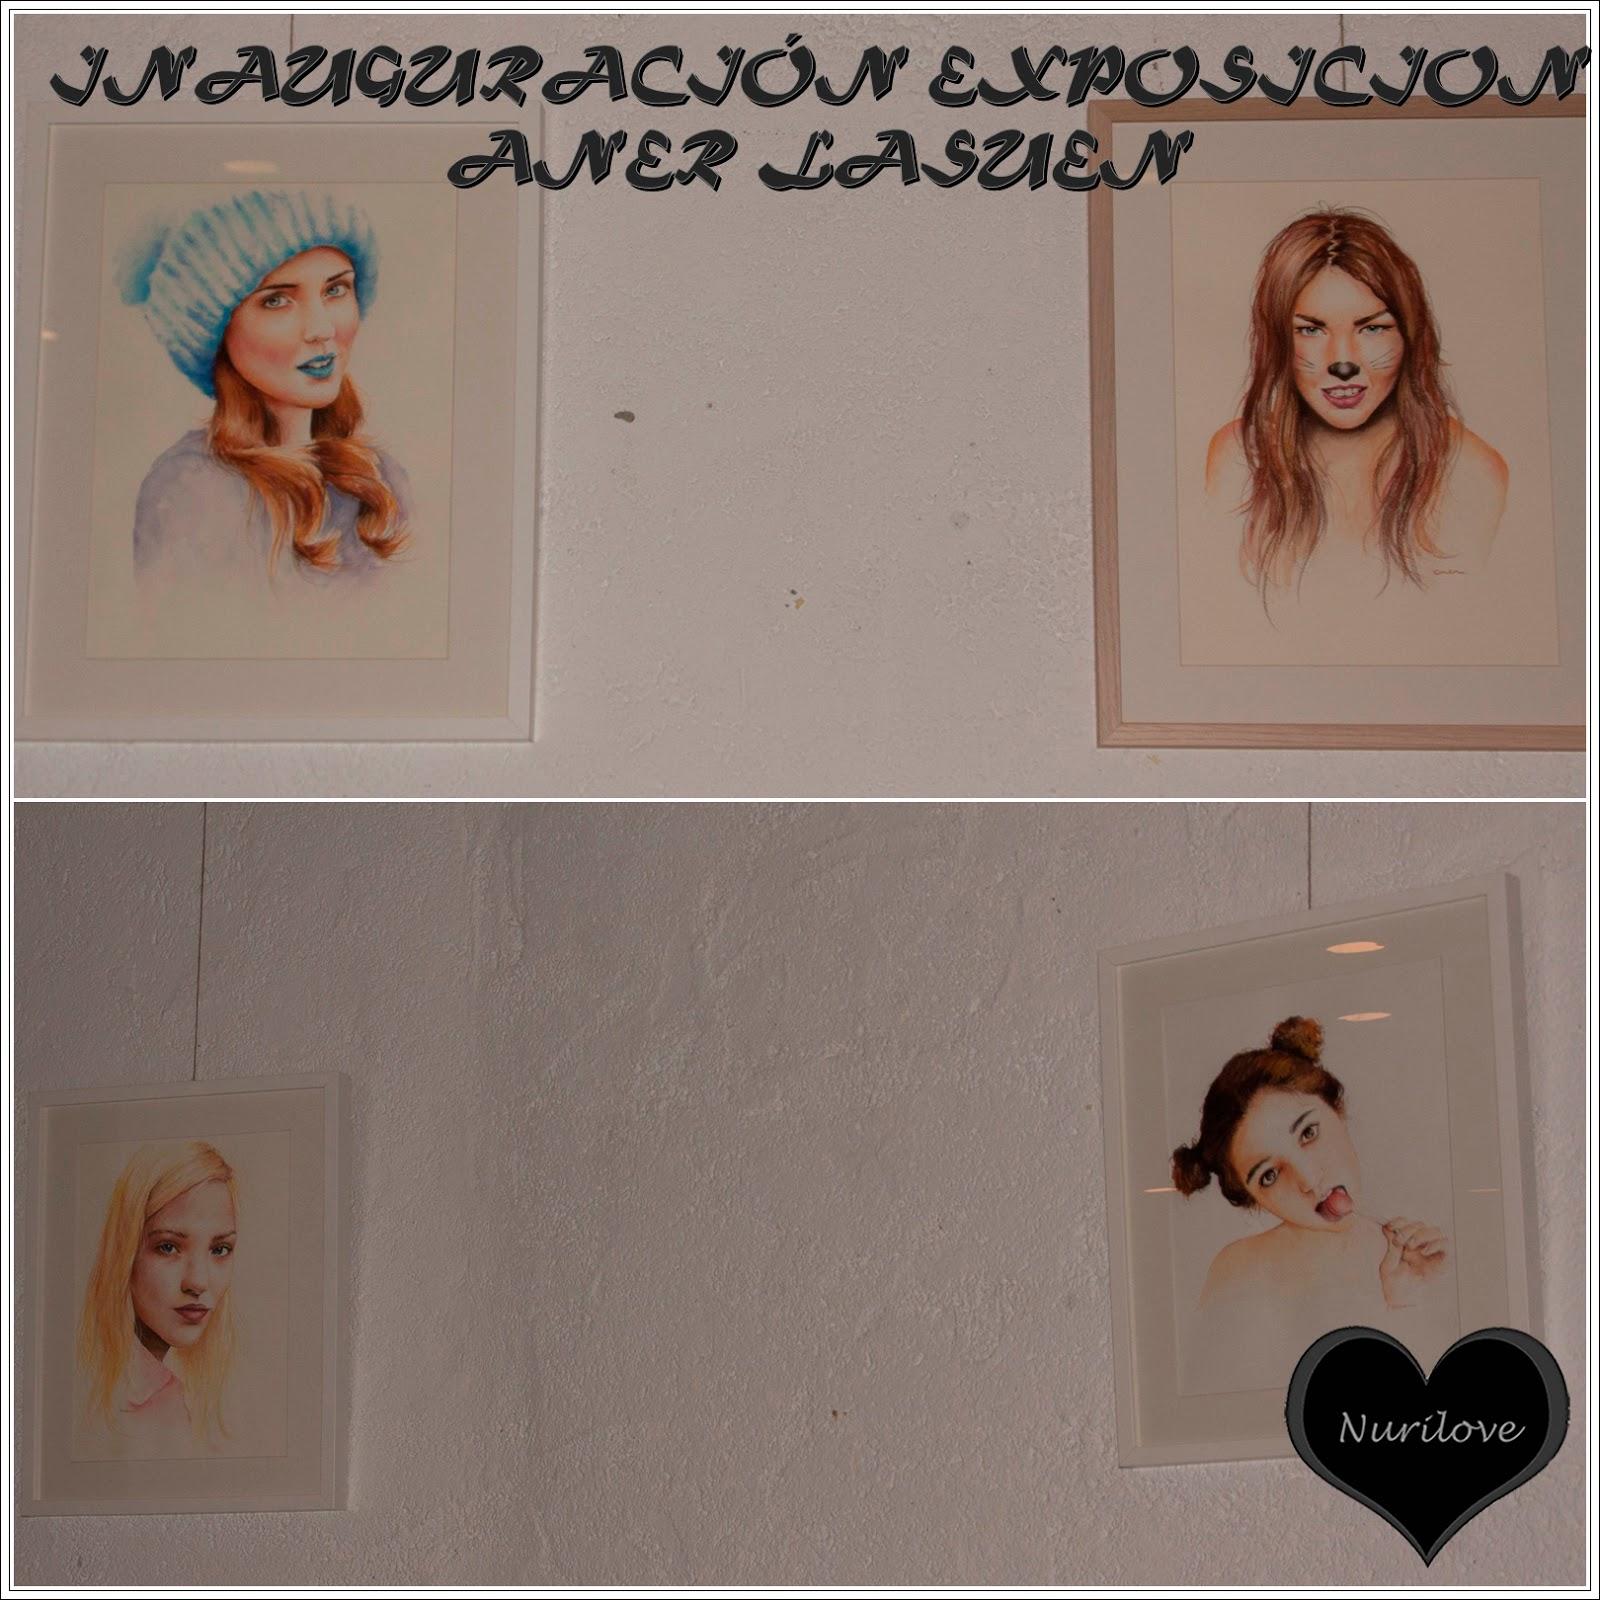 Inauguración Exposición Aner Lasuen: Una artista